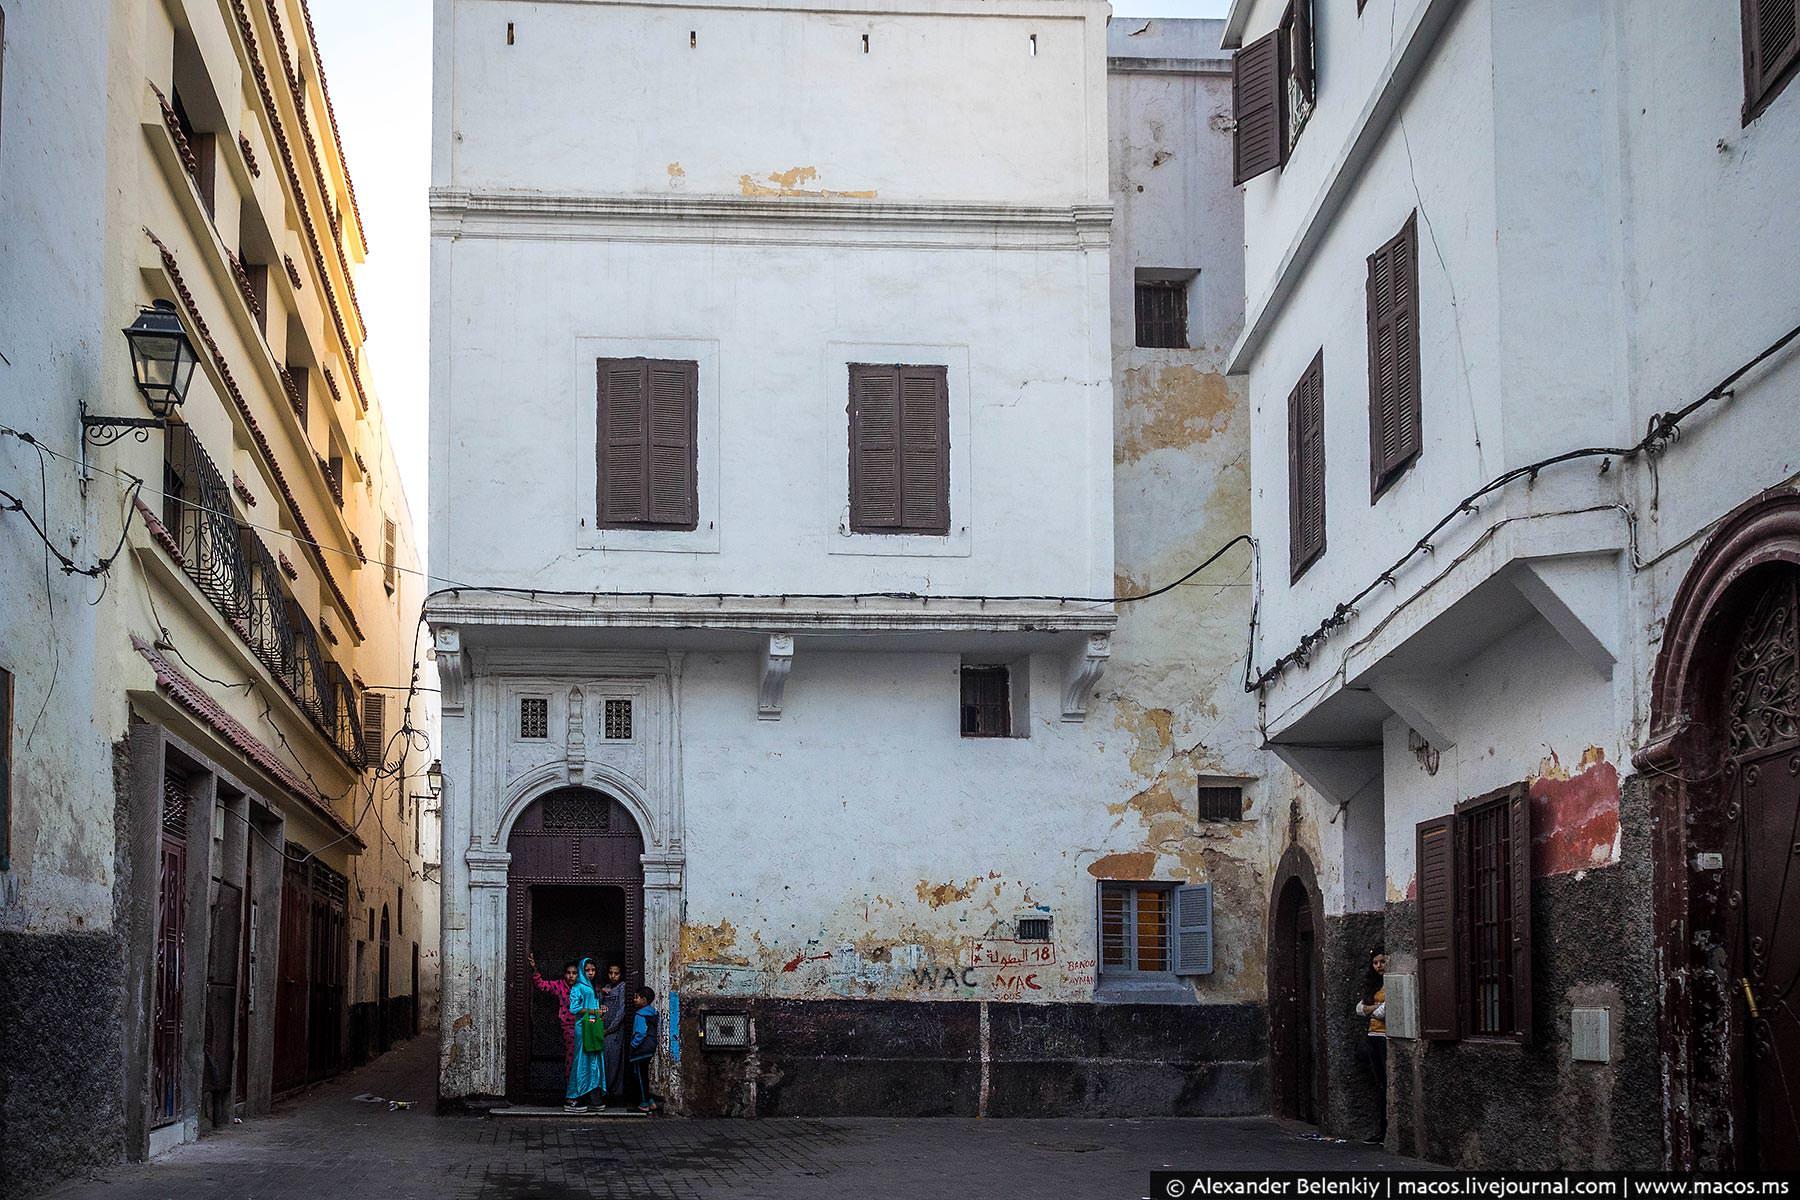 Фото: Улицы старого города